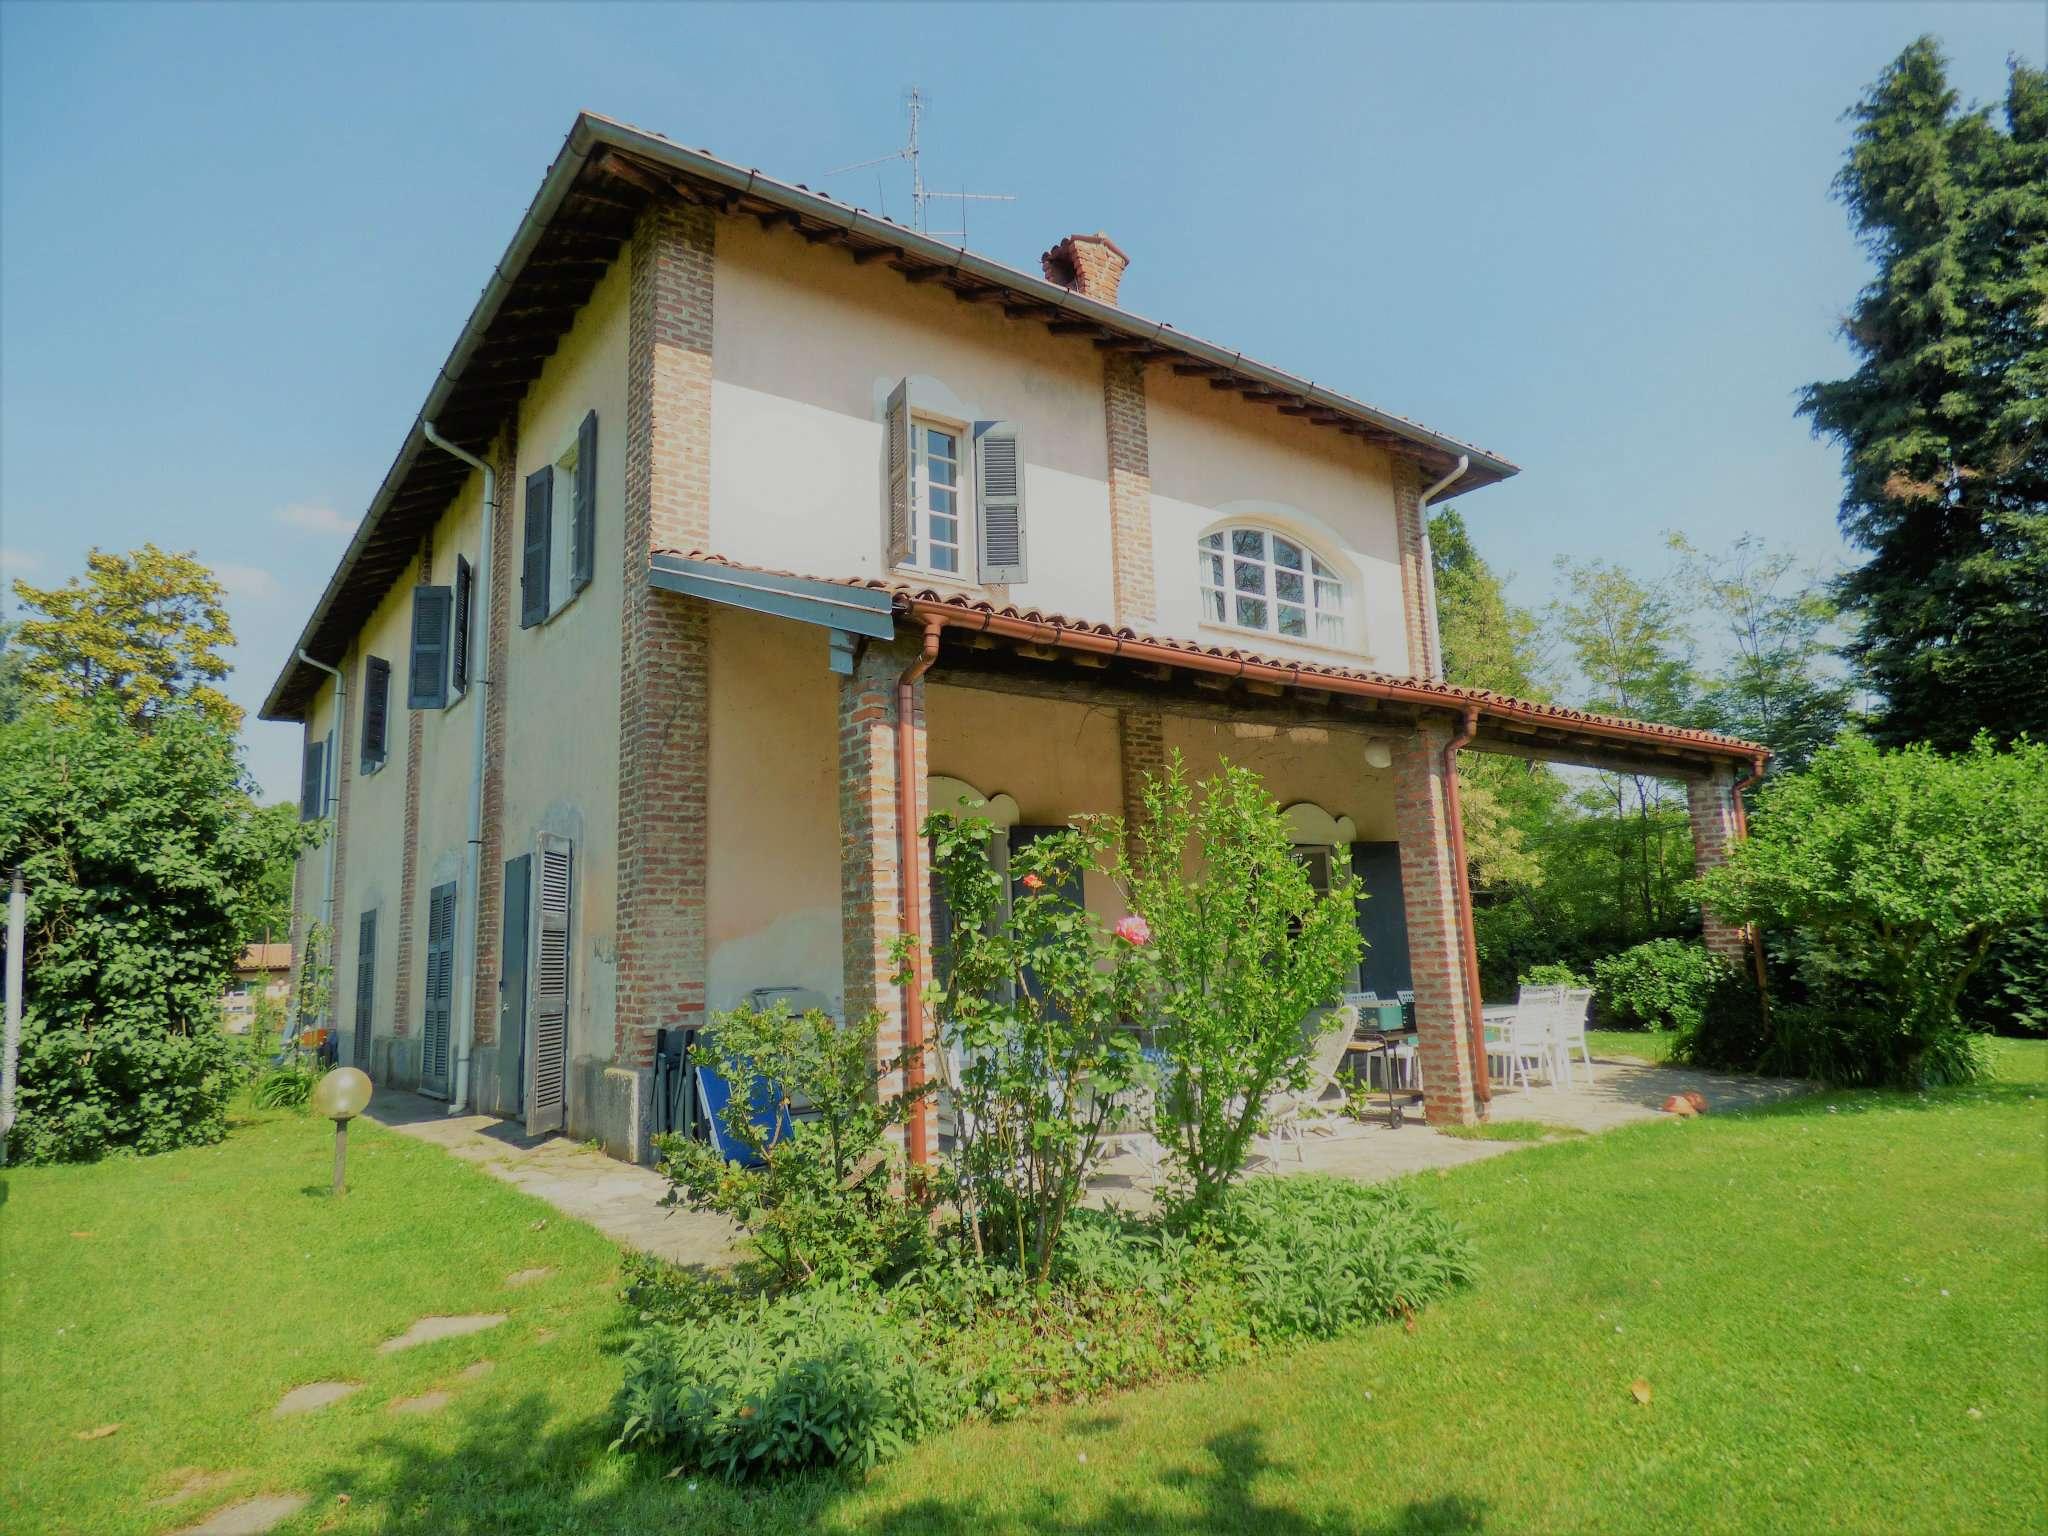 Rustico / Casale in affitto a Tradate, 8 locali, prezzo € 2.000 | Cambio Casa.it